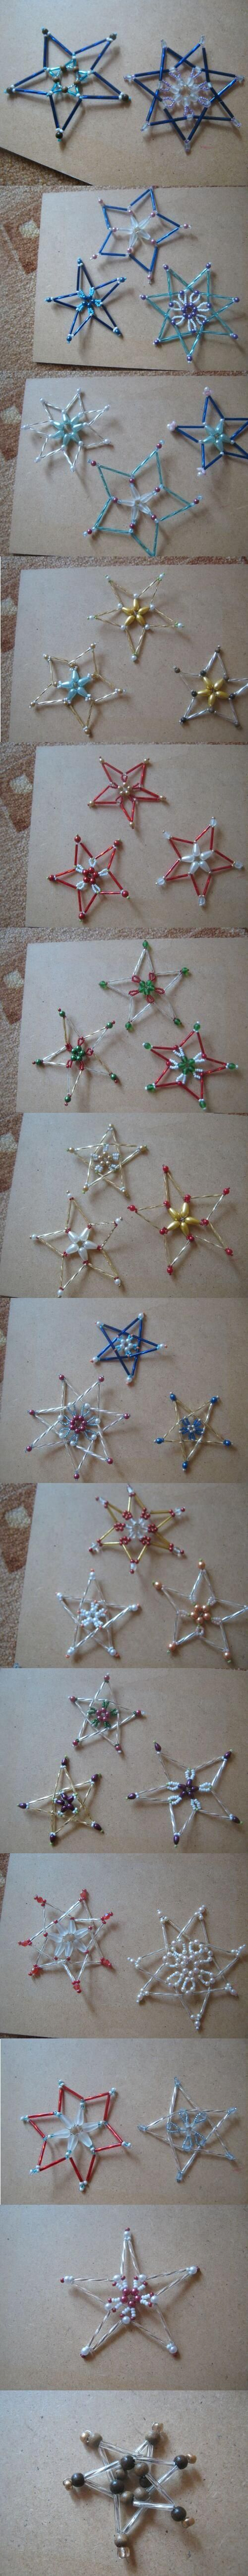 stars of beads